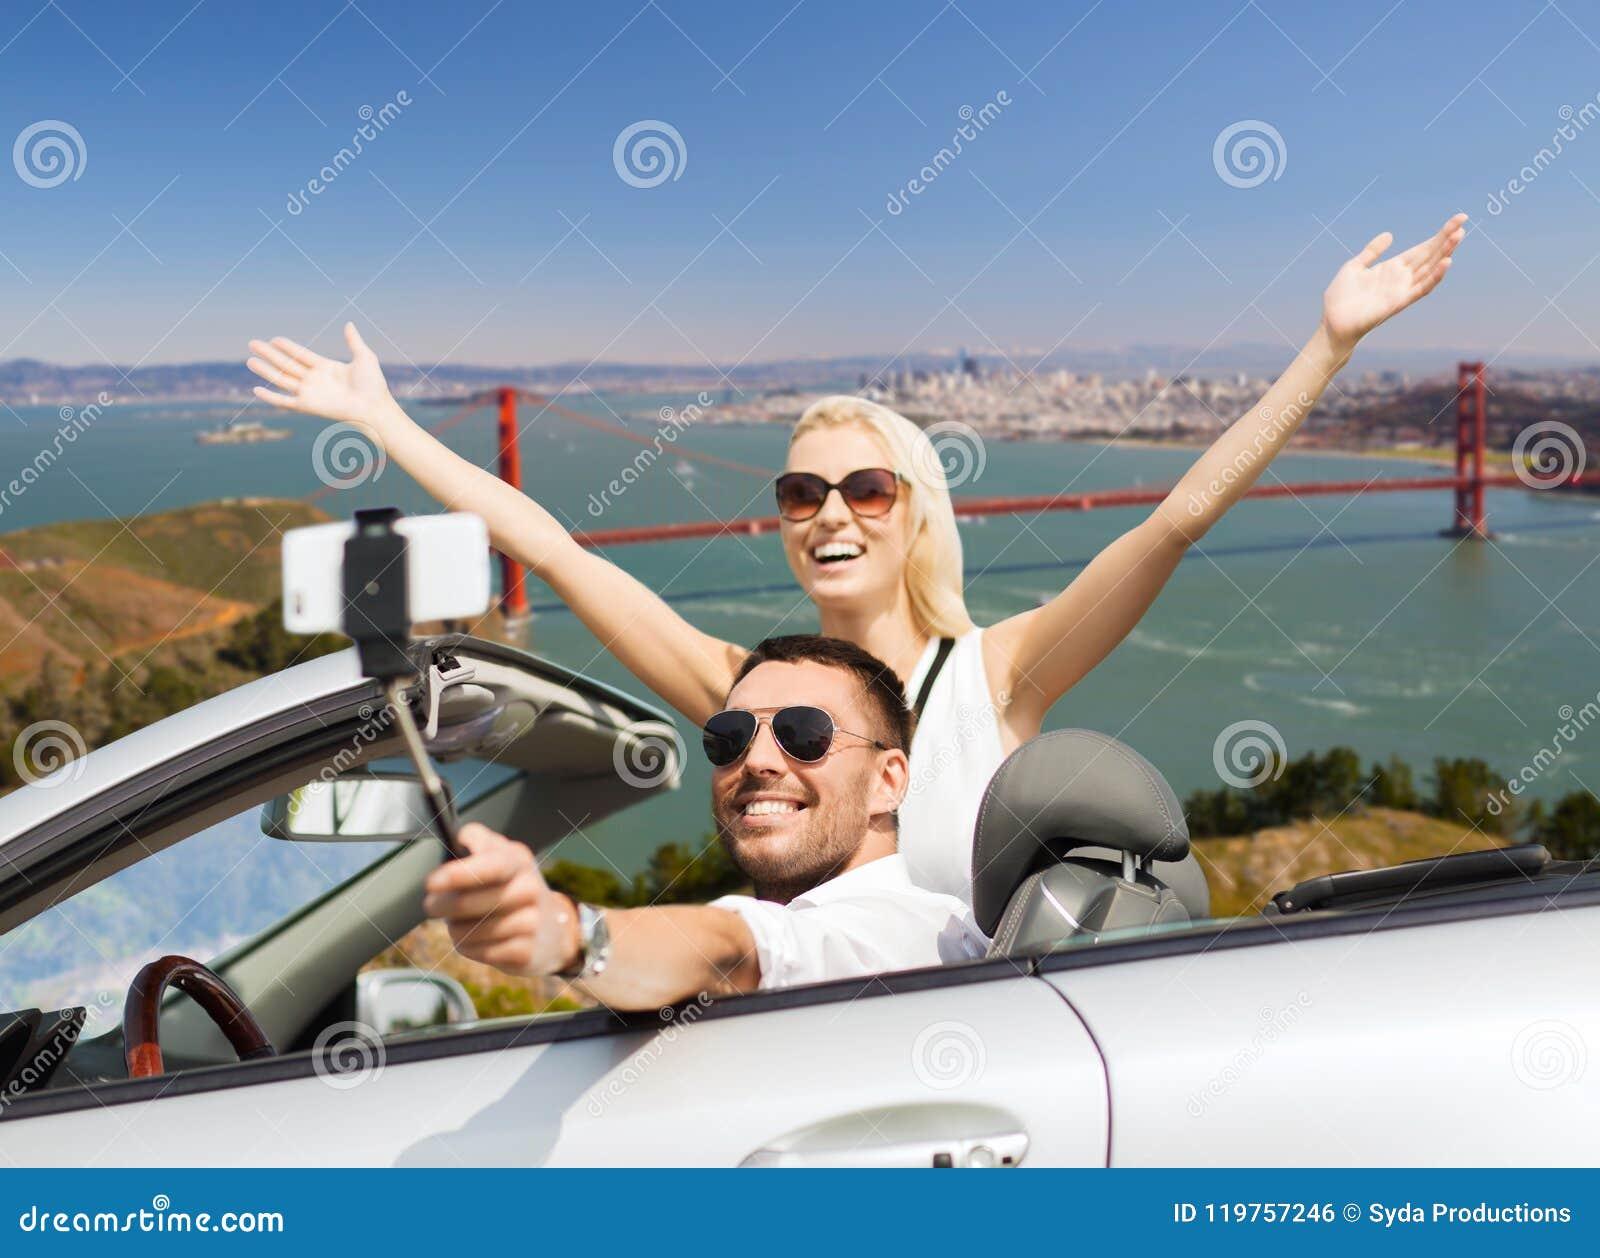 Szczęśliwa para w samochodzie bierze selfie smartphone